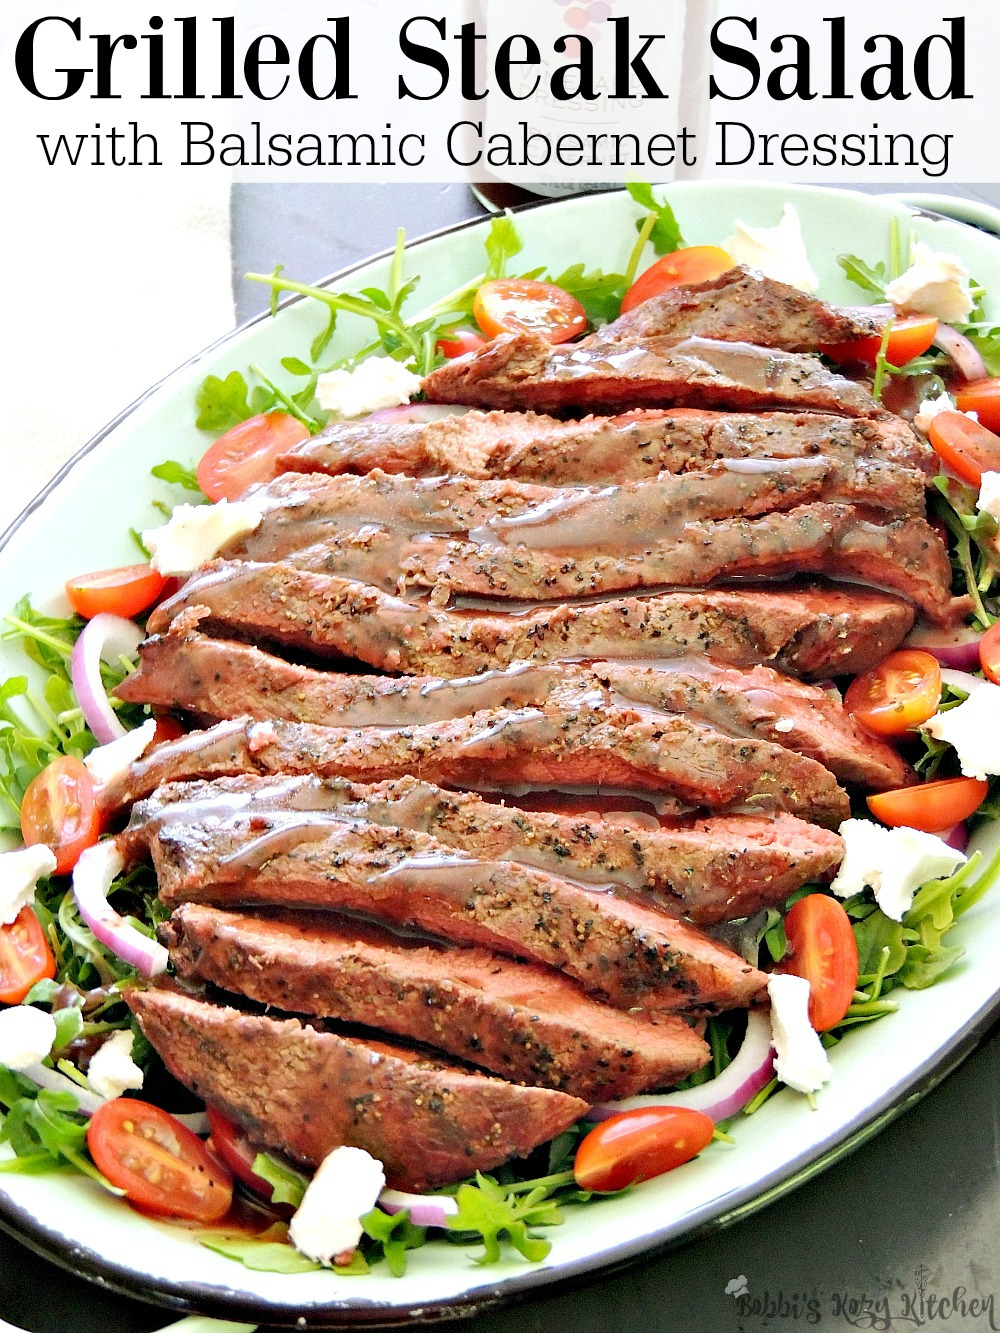 Grilled Steak Salad with Balsamic Cabernet Dressing | Bobbi's Kozy ...